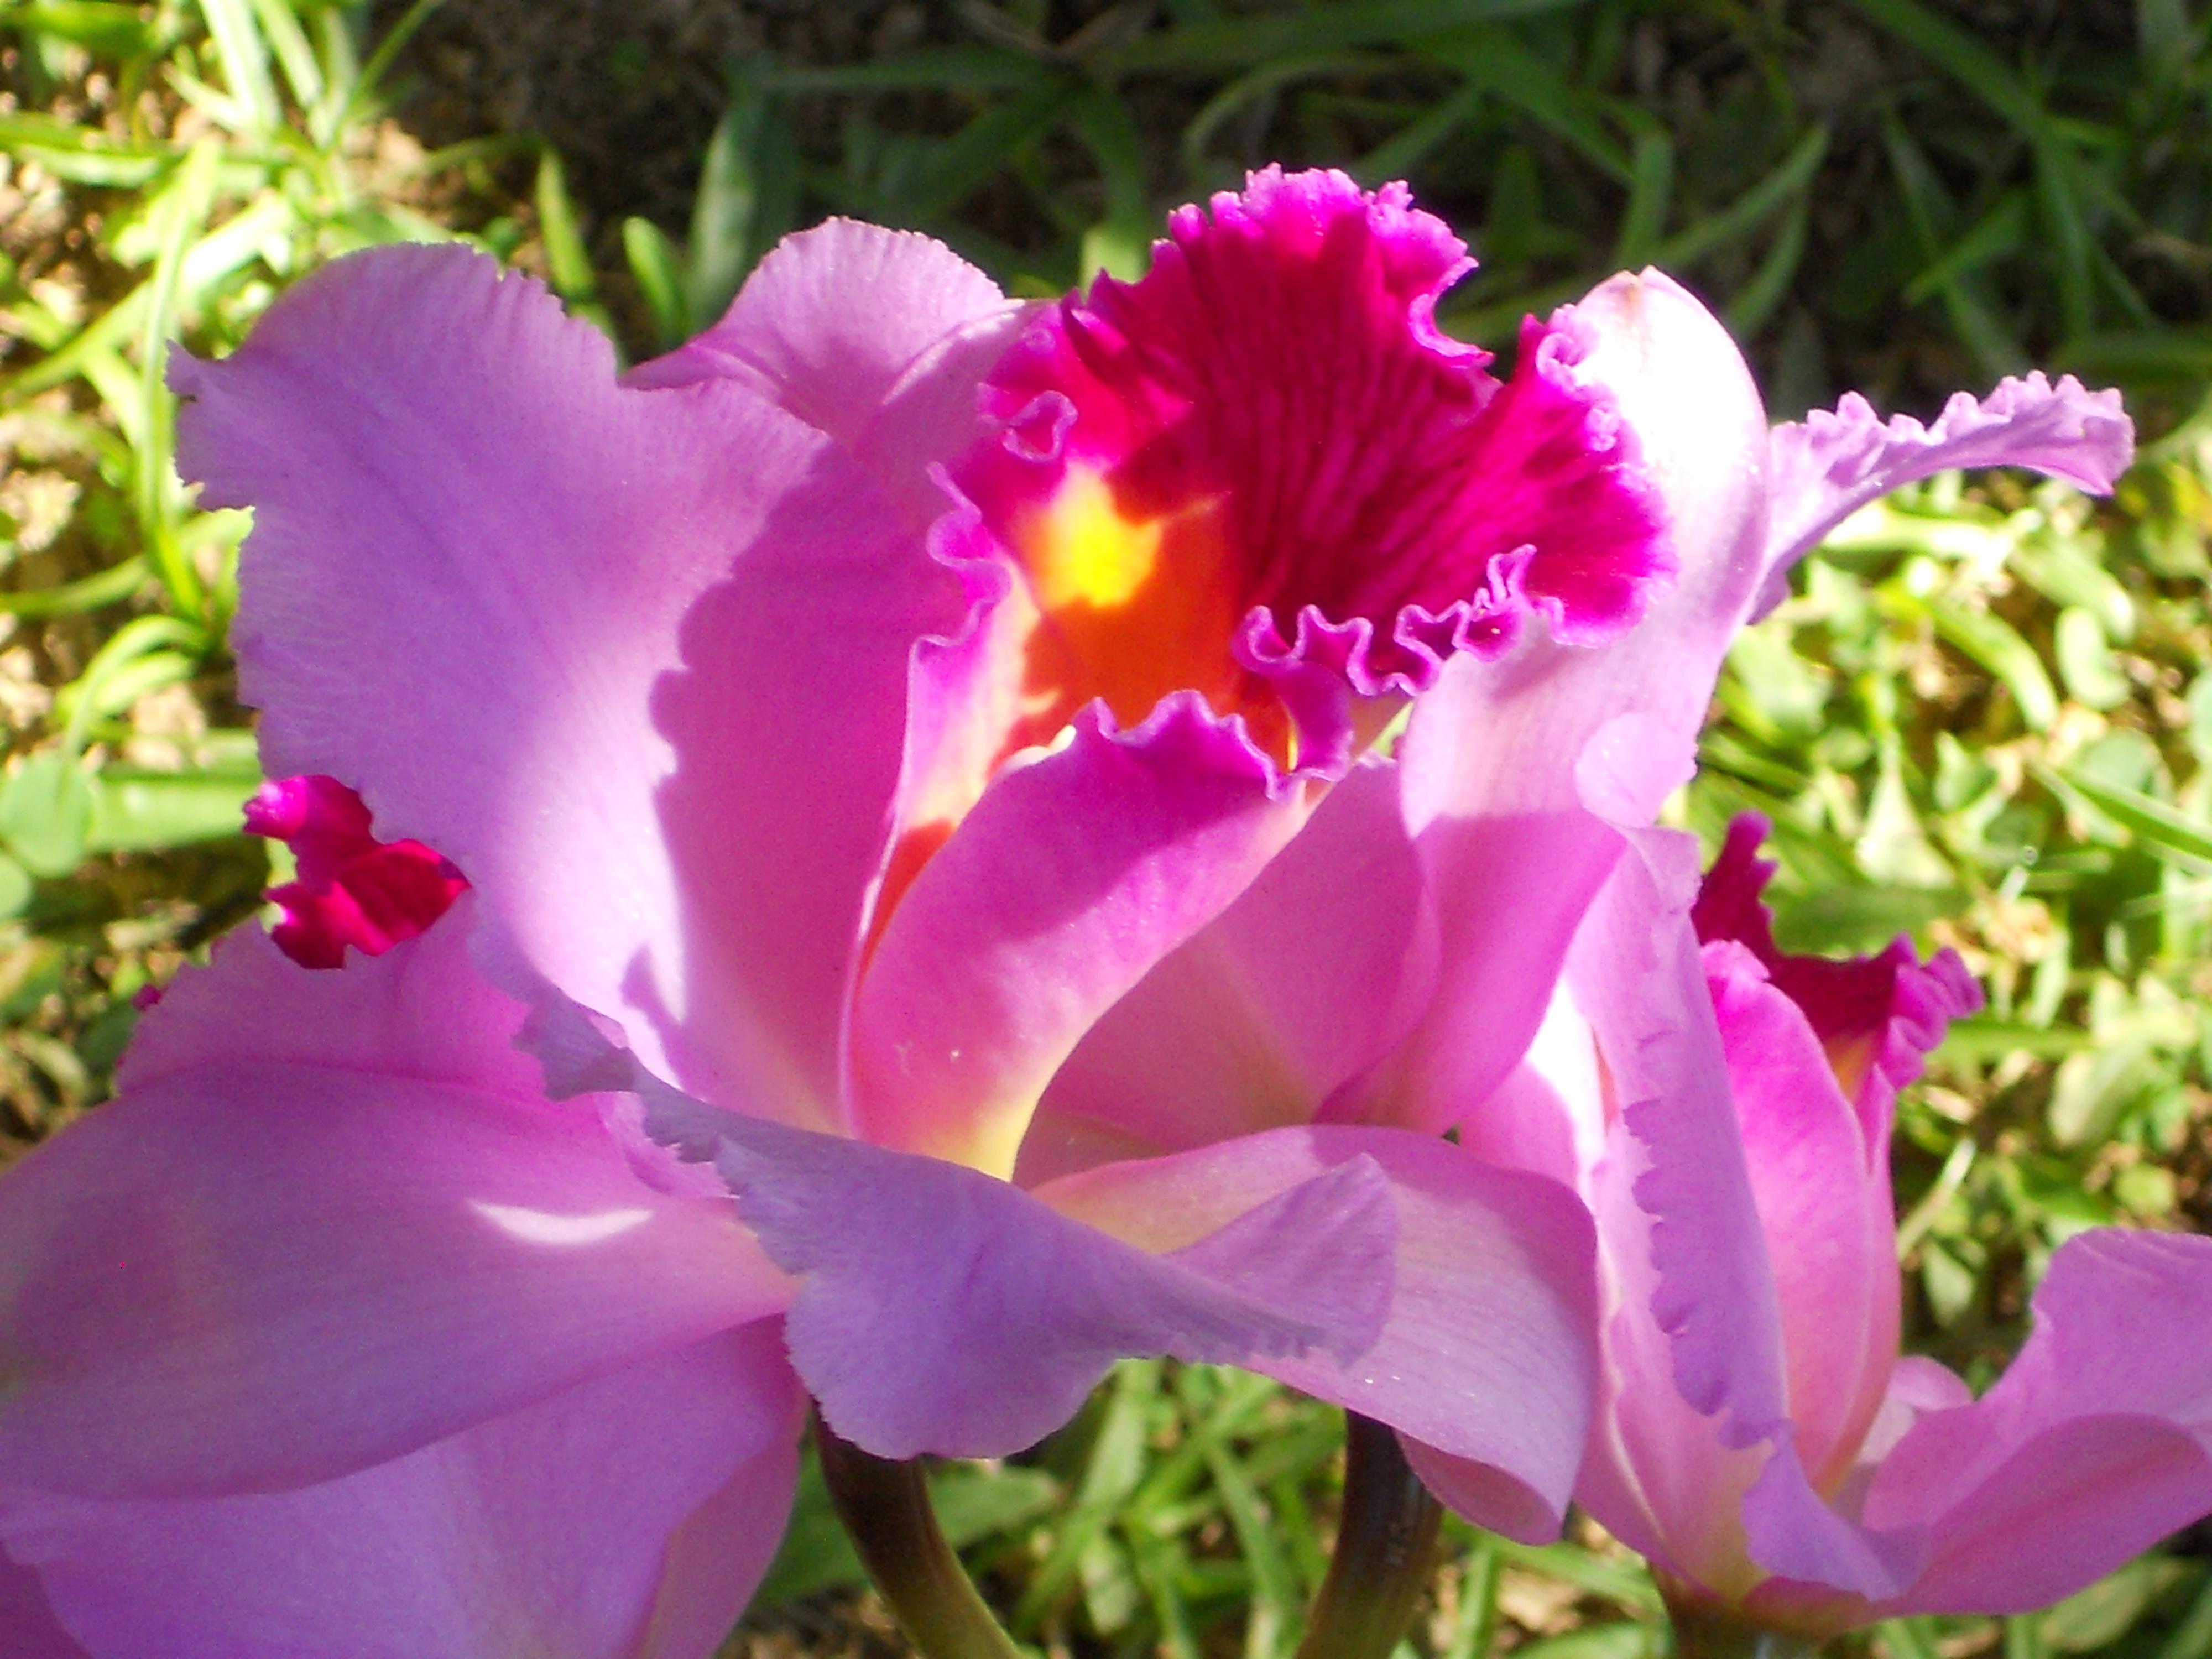 Floral Catleia Rainha Florais Filhas de Gaia